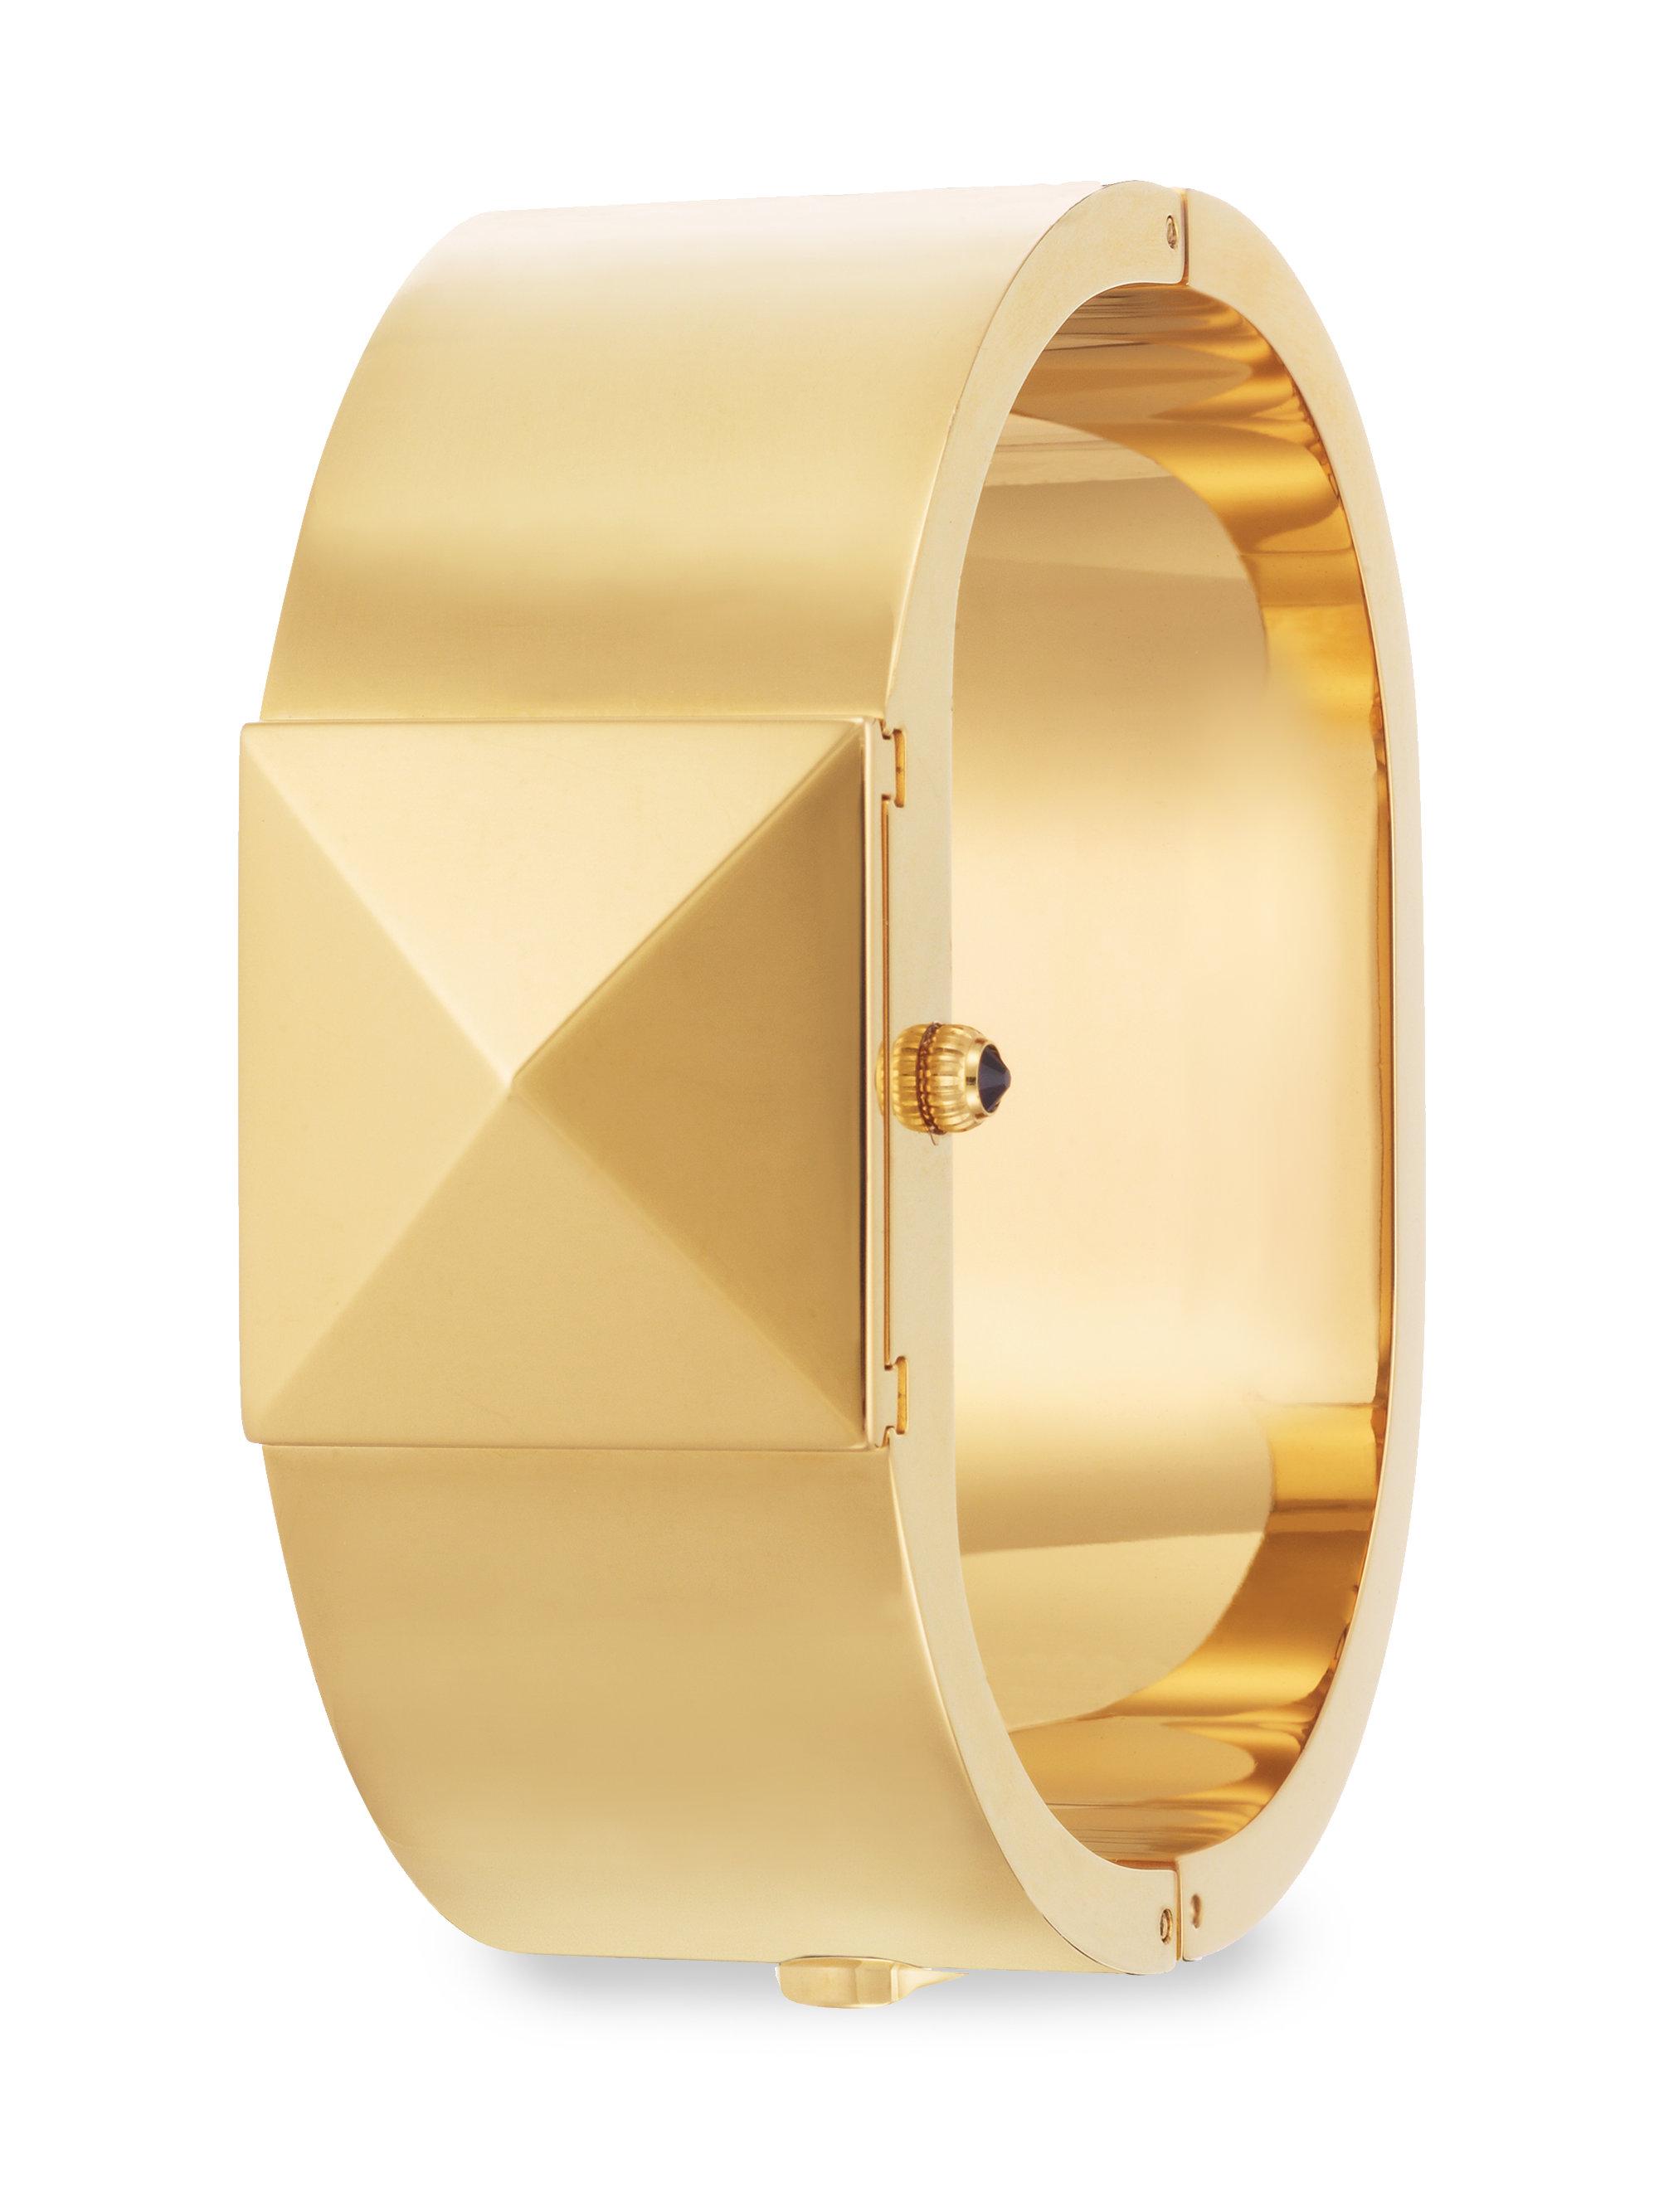 Hidden Face Pyramid Bangle Bracelet Watch